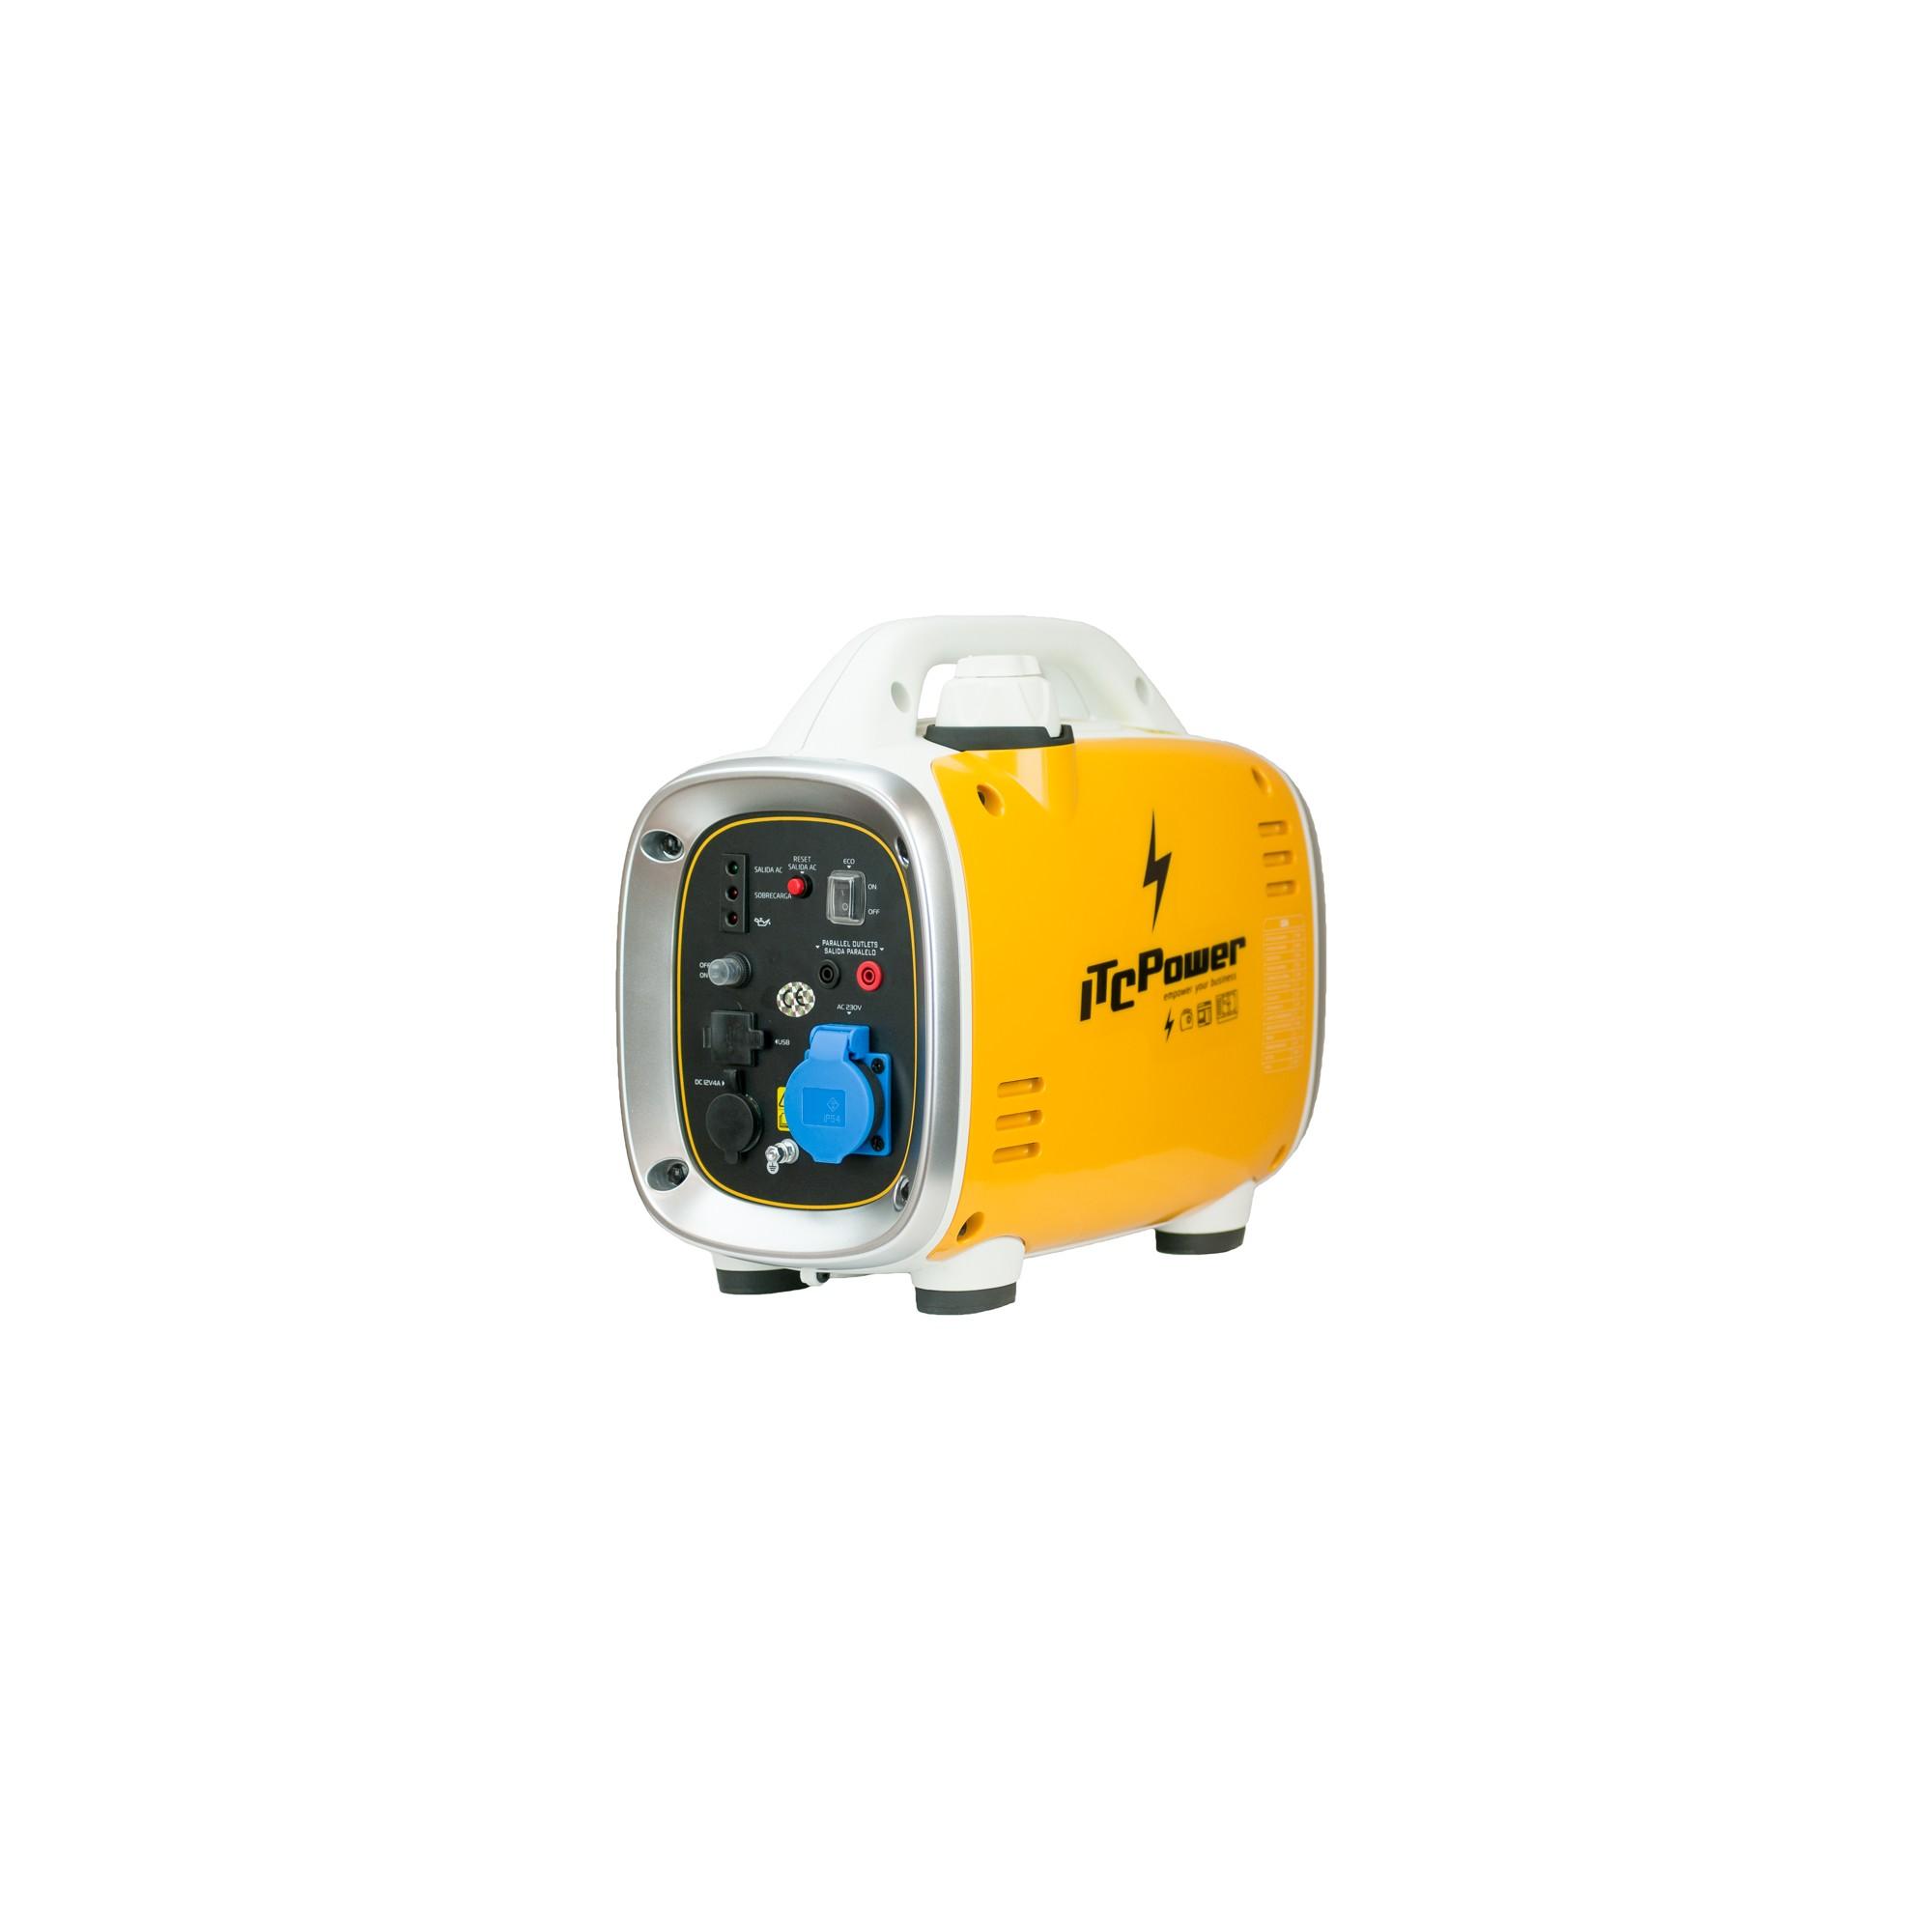 GG9I Generador Eléctrico Inverter 900w